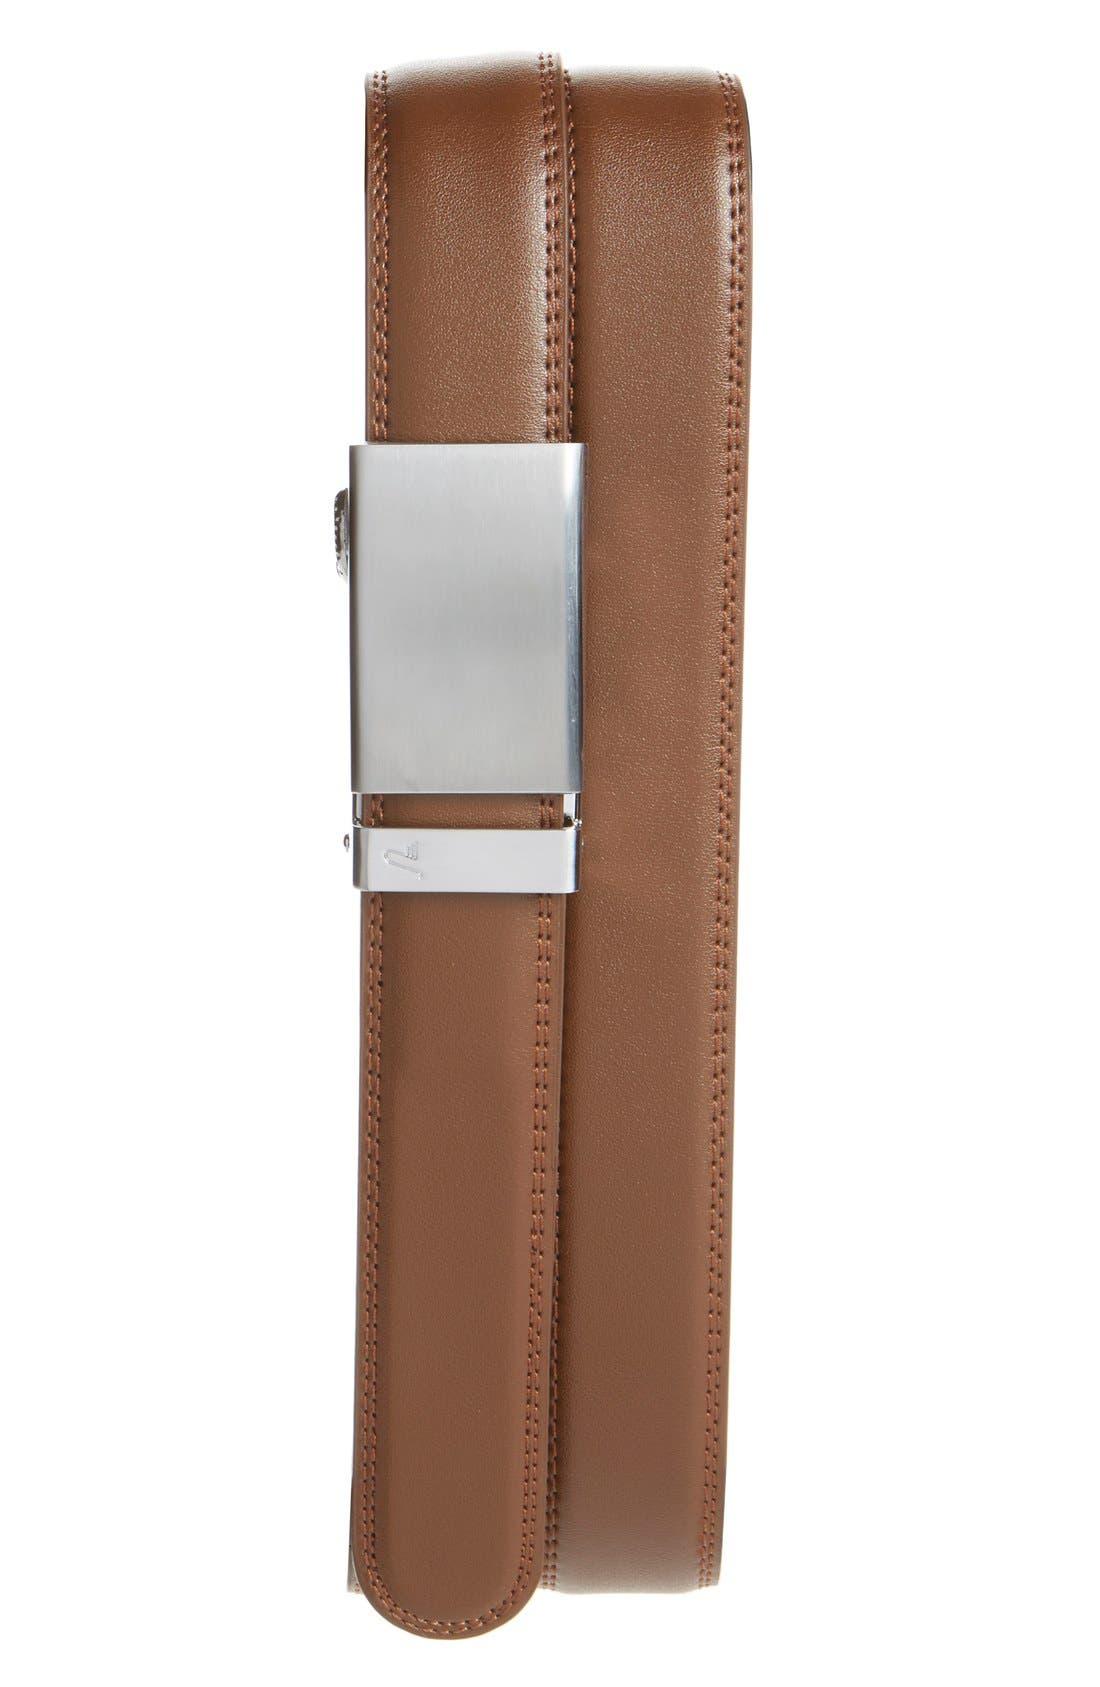 Alternate Image 1 Selected - Mission Belt 'Cocoa' Leather Belt